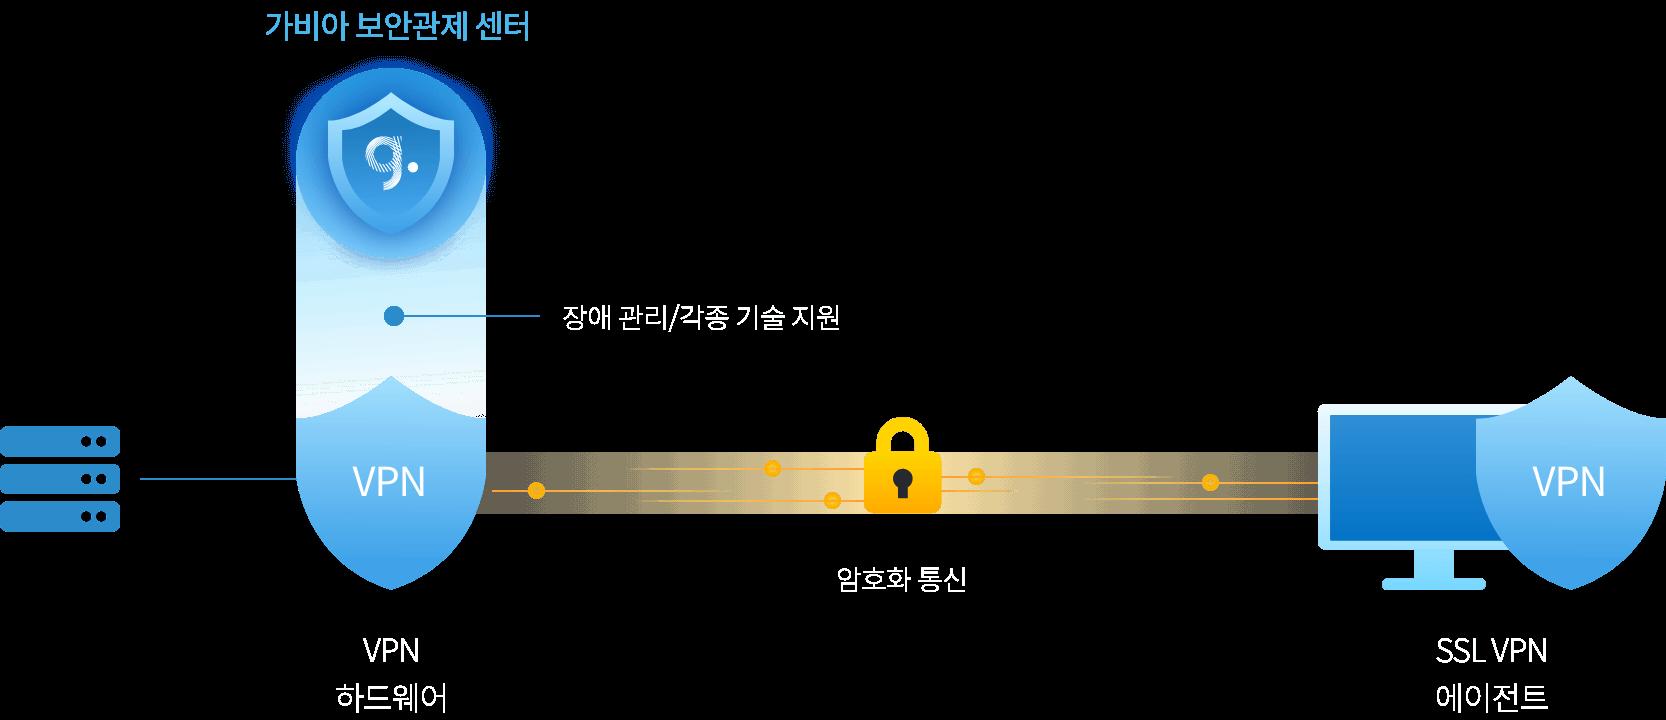 가비아 SSL VPN 구성도